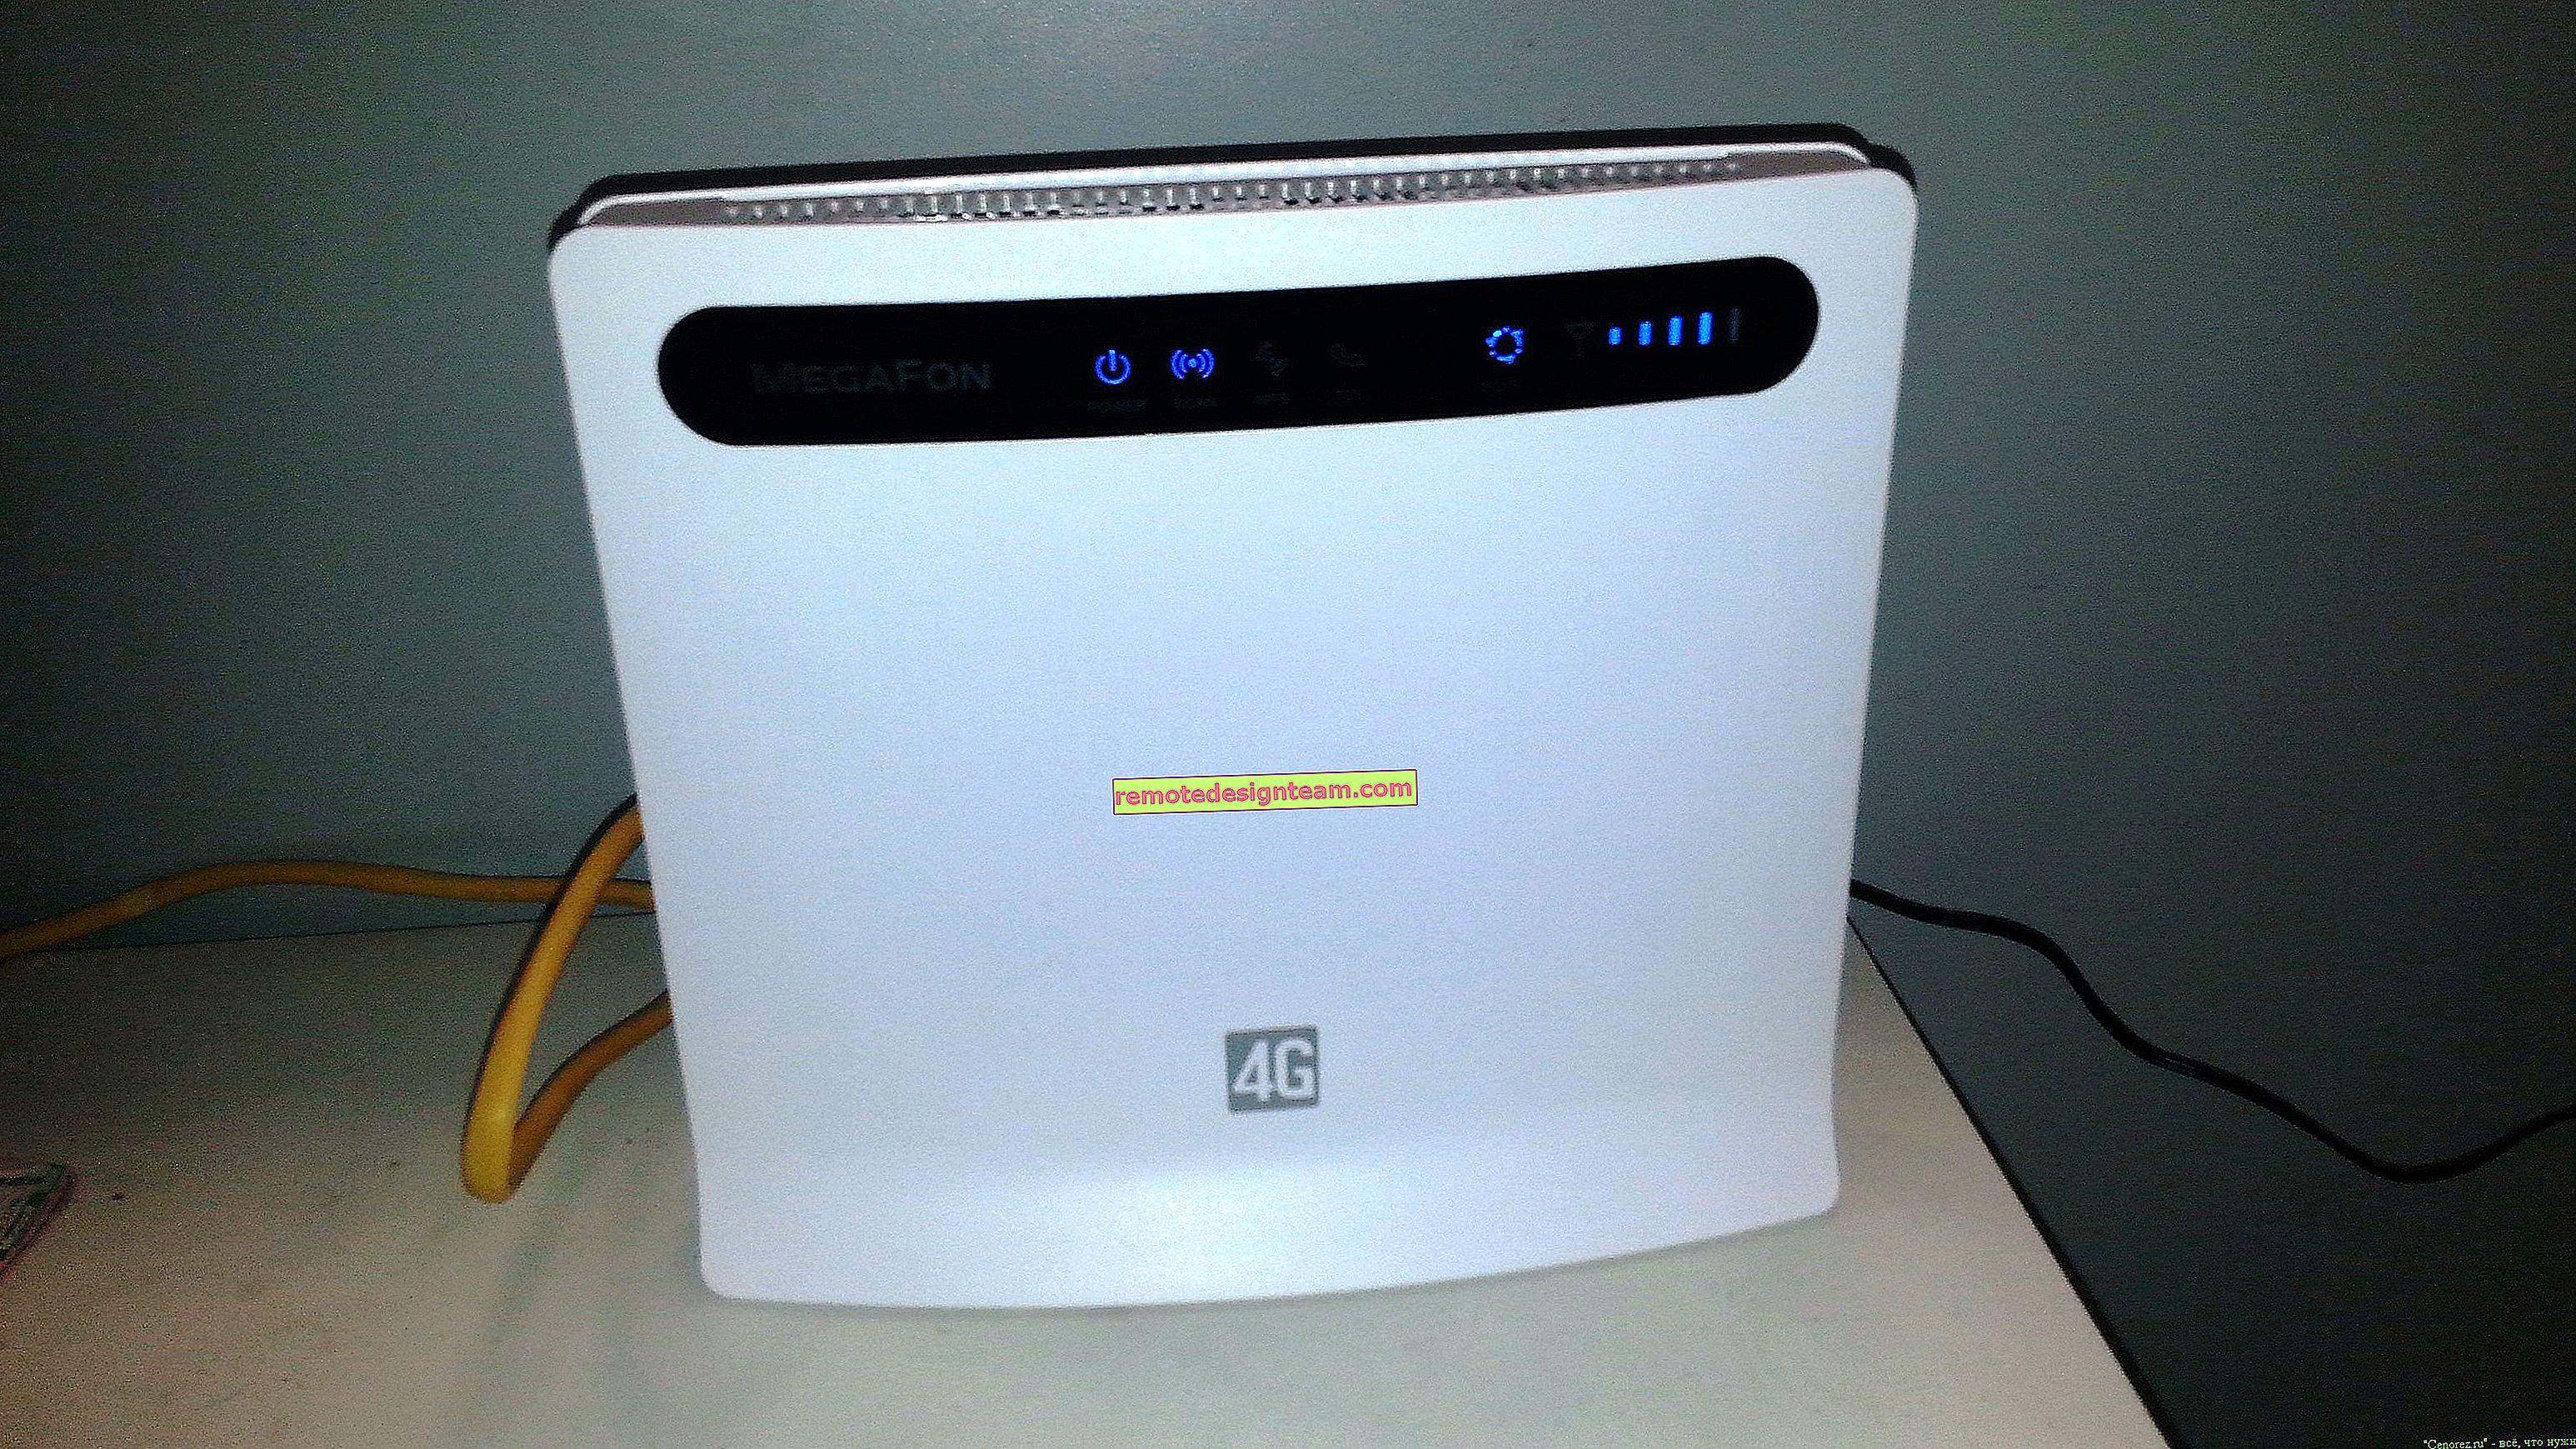 Чужі комп'ютери і телефони в локальній мережі через роутер